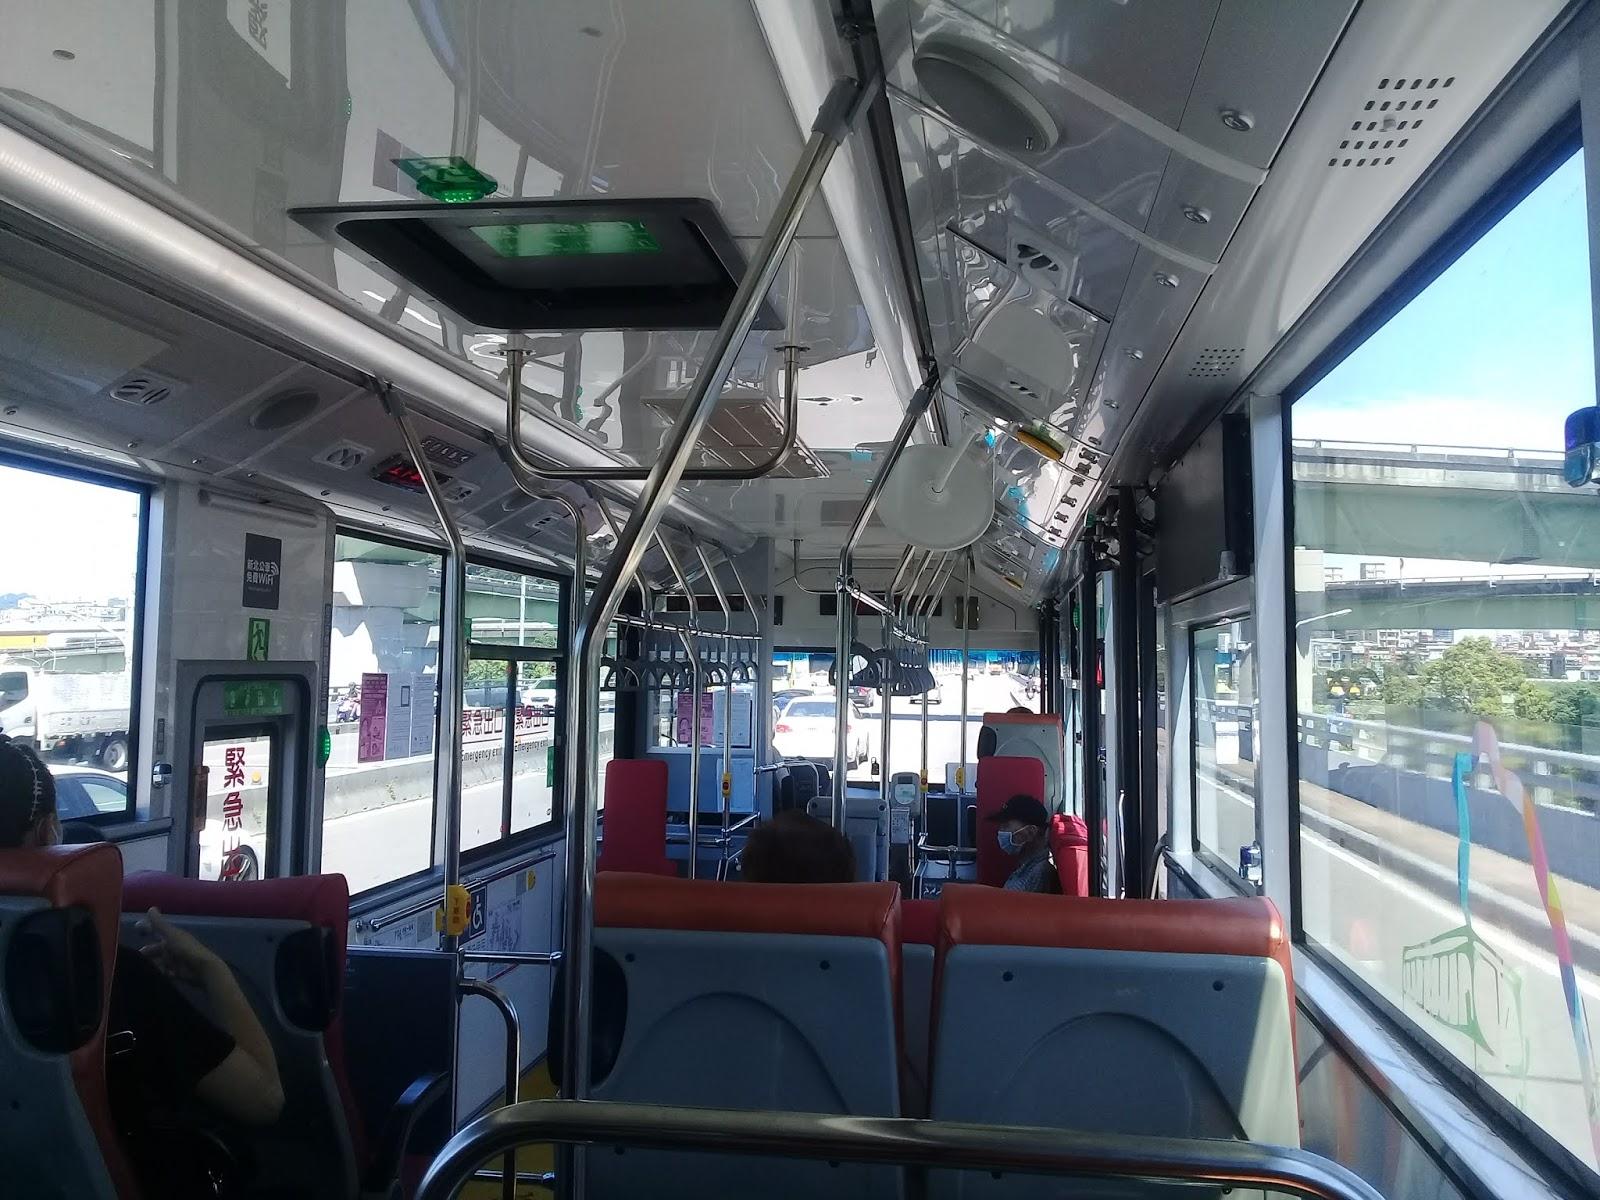 就是愛公車: 20200604 796 木柵-板橋 搭乘紀錄